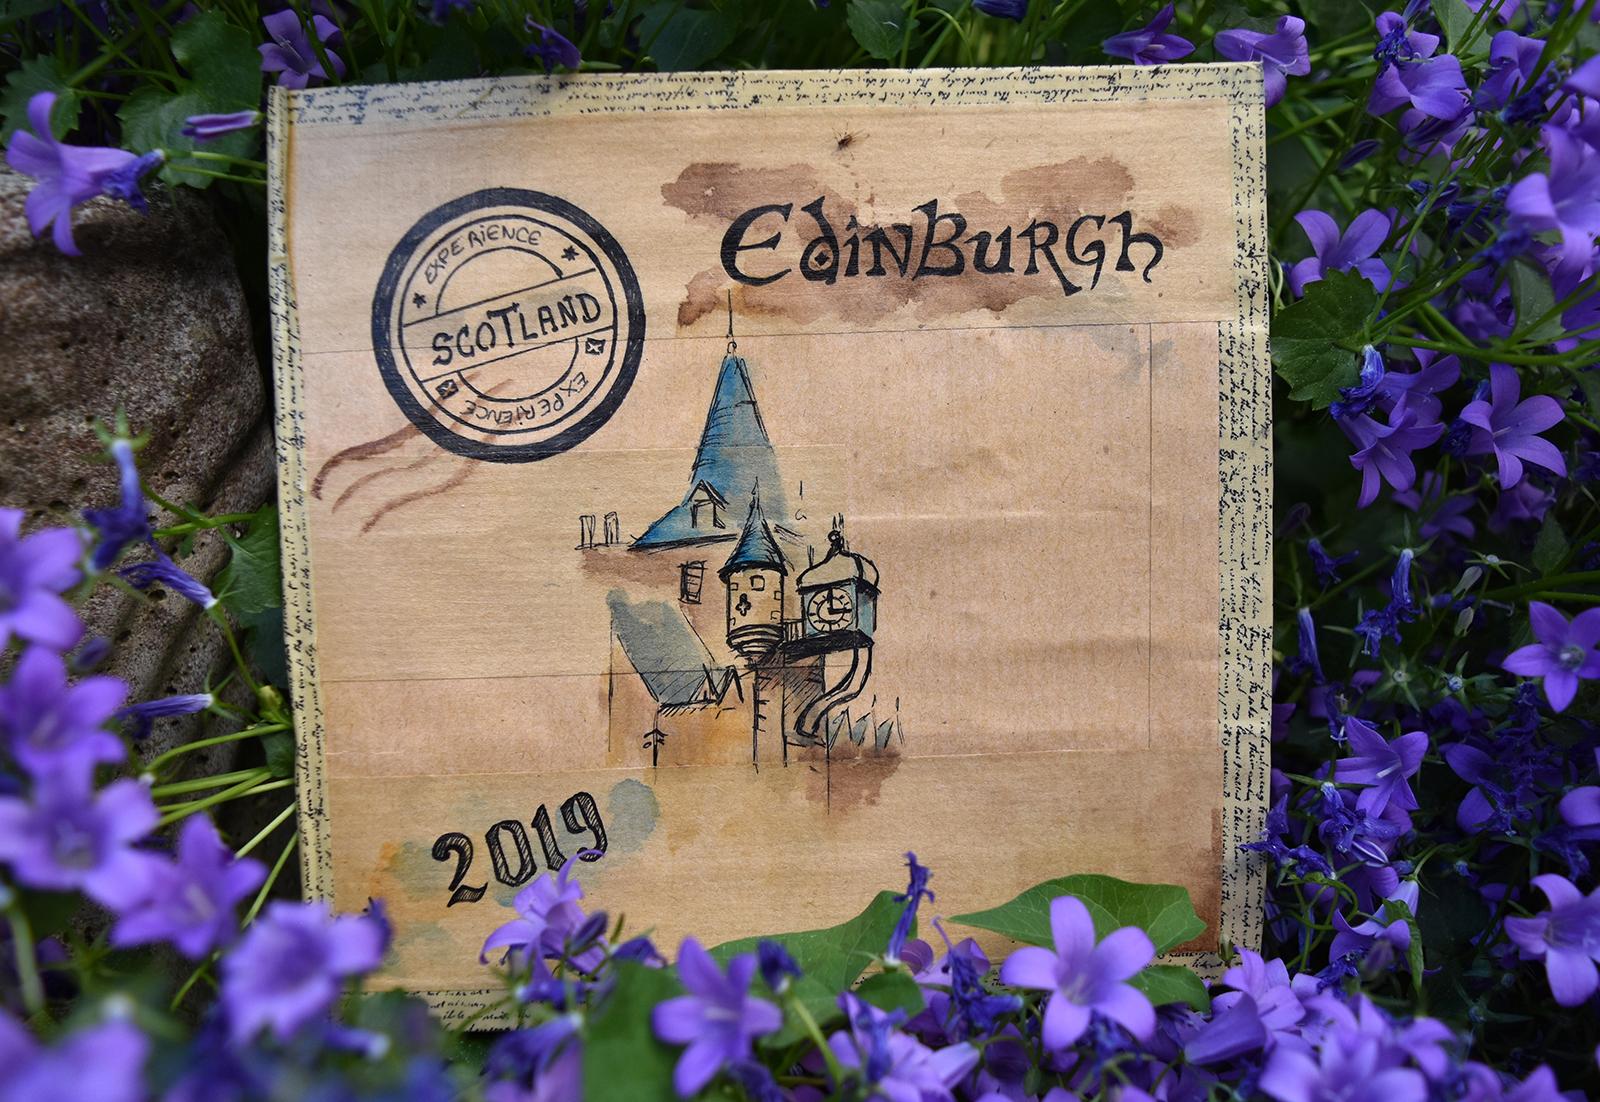 2019 Carnet de voyage Edimbourg_couverture - Lafarfadet Elodie Vasseur